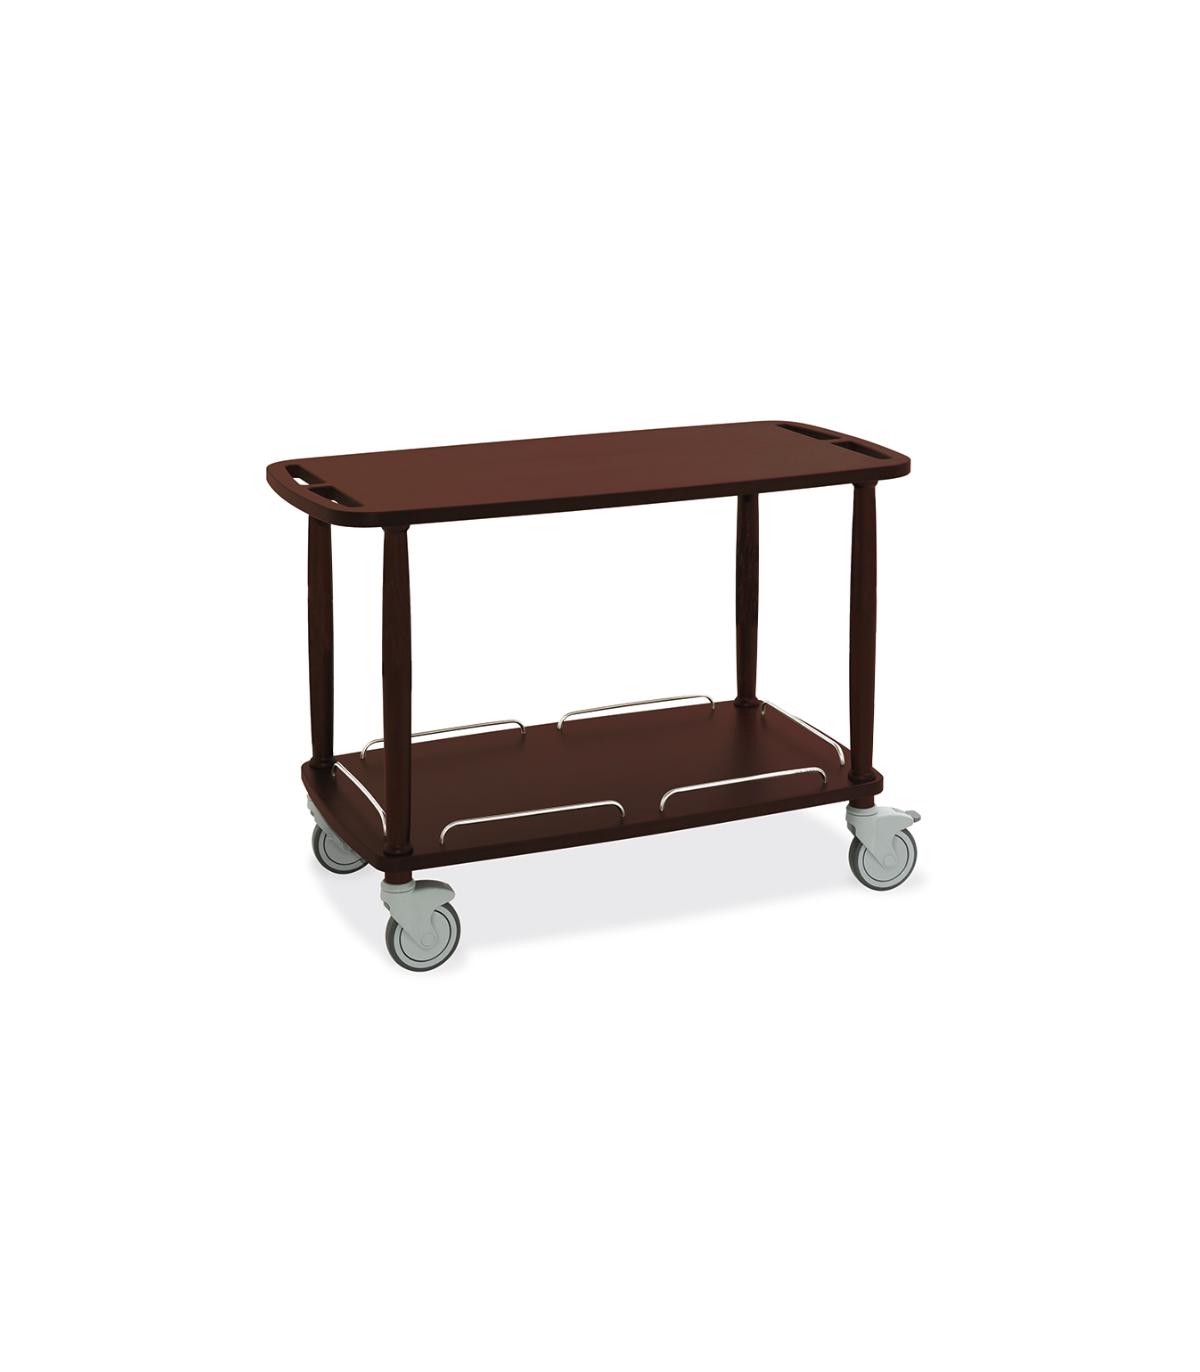 Table roulante rectangulaire pour le service en salle en bois mélaminé